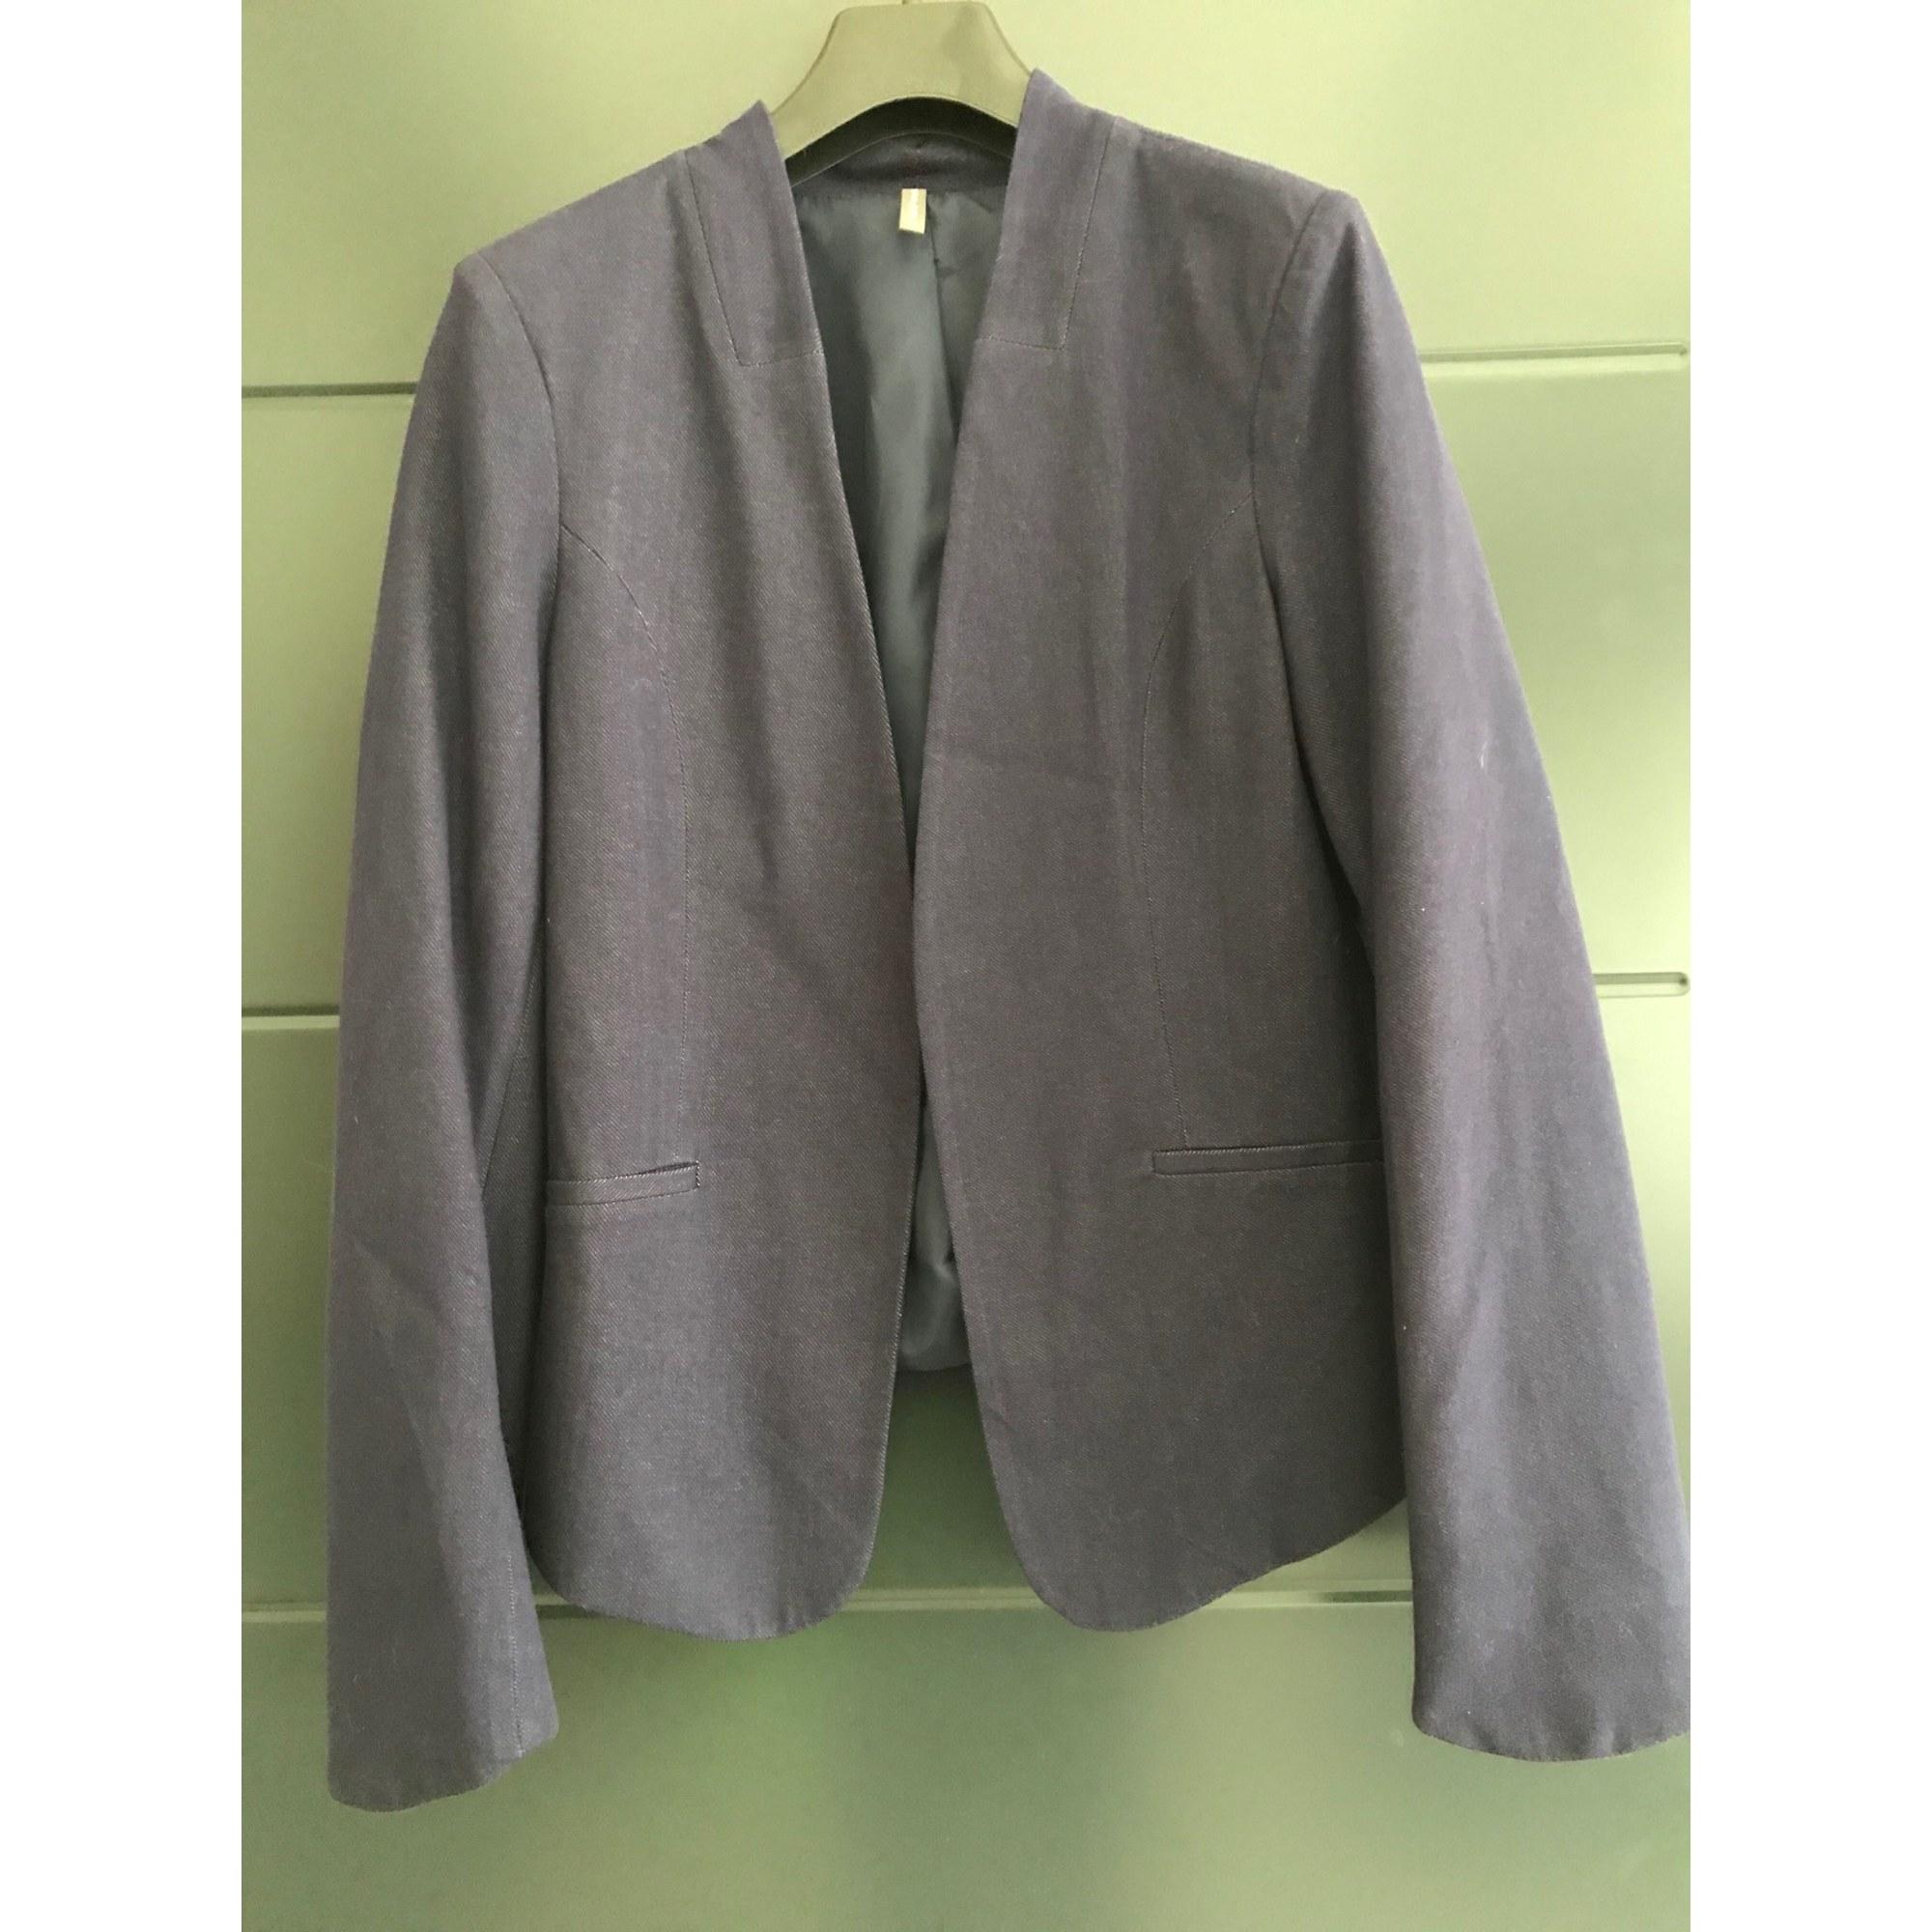 Blazer, veste tailleur NAF NAF Bleu, bleu marine, bleu turquoise